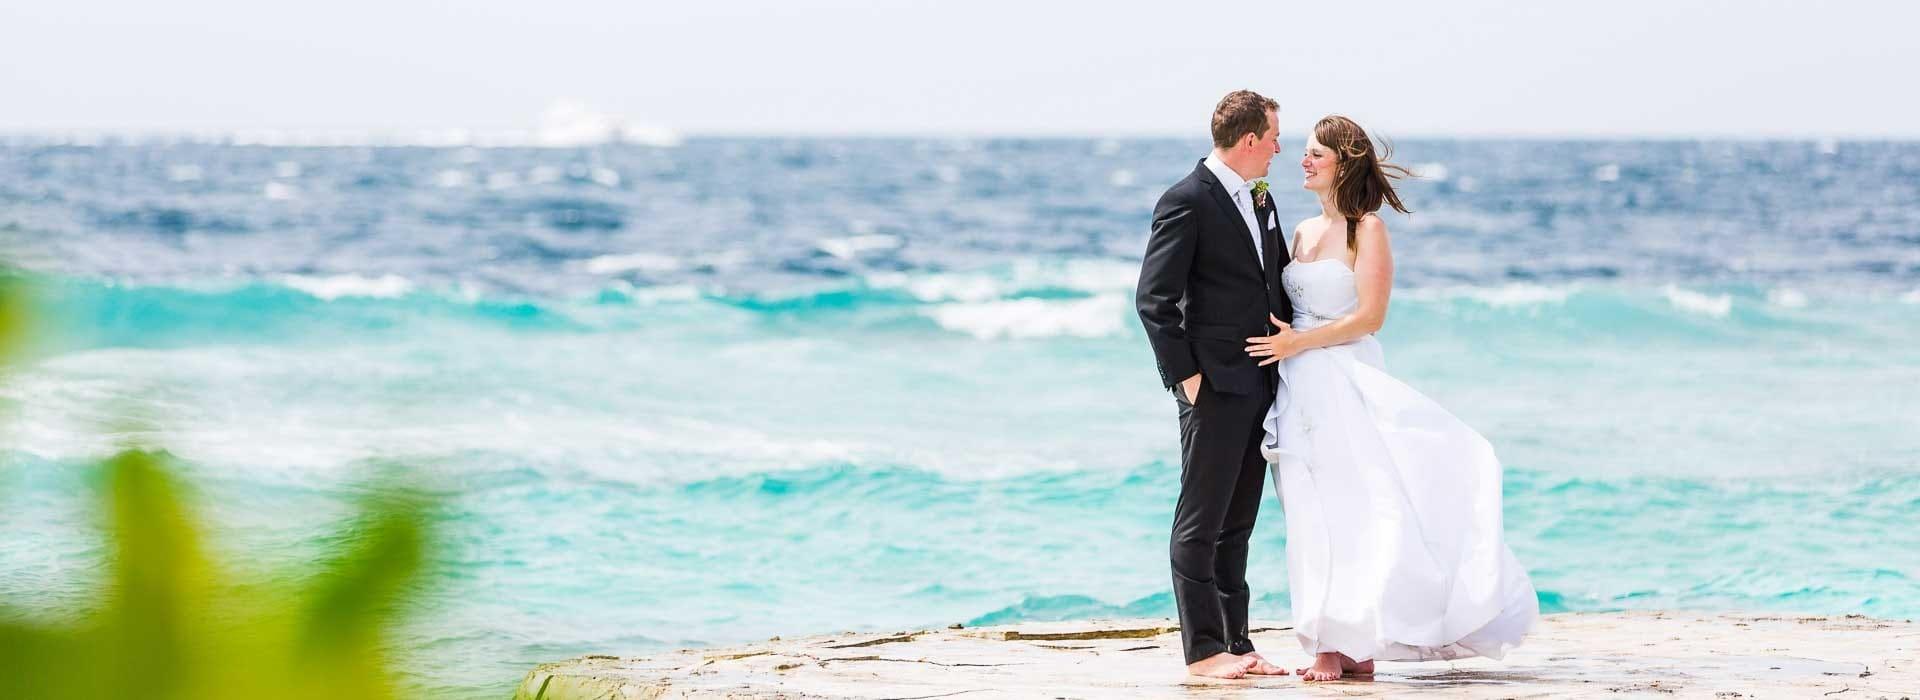 Emotionale Hochzeitsfotografie Michael Geyer